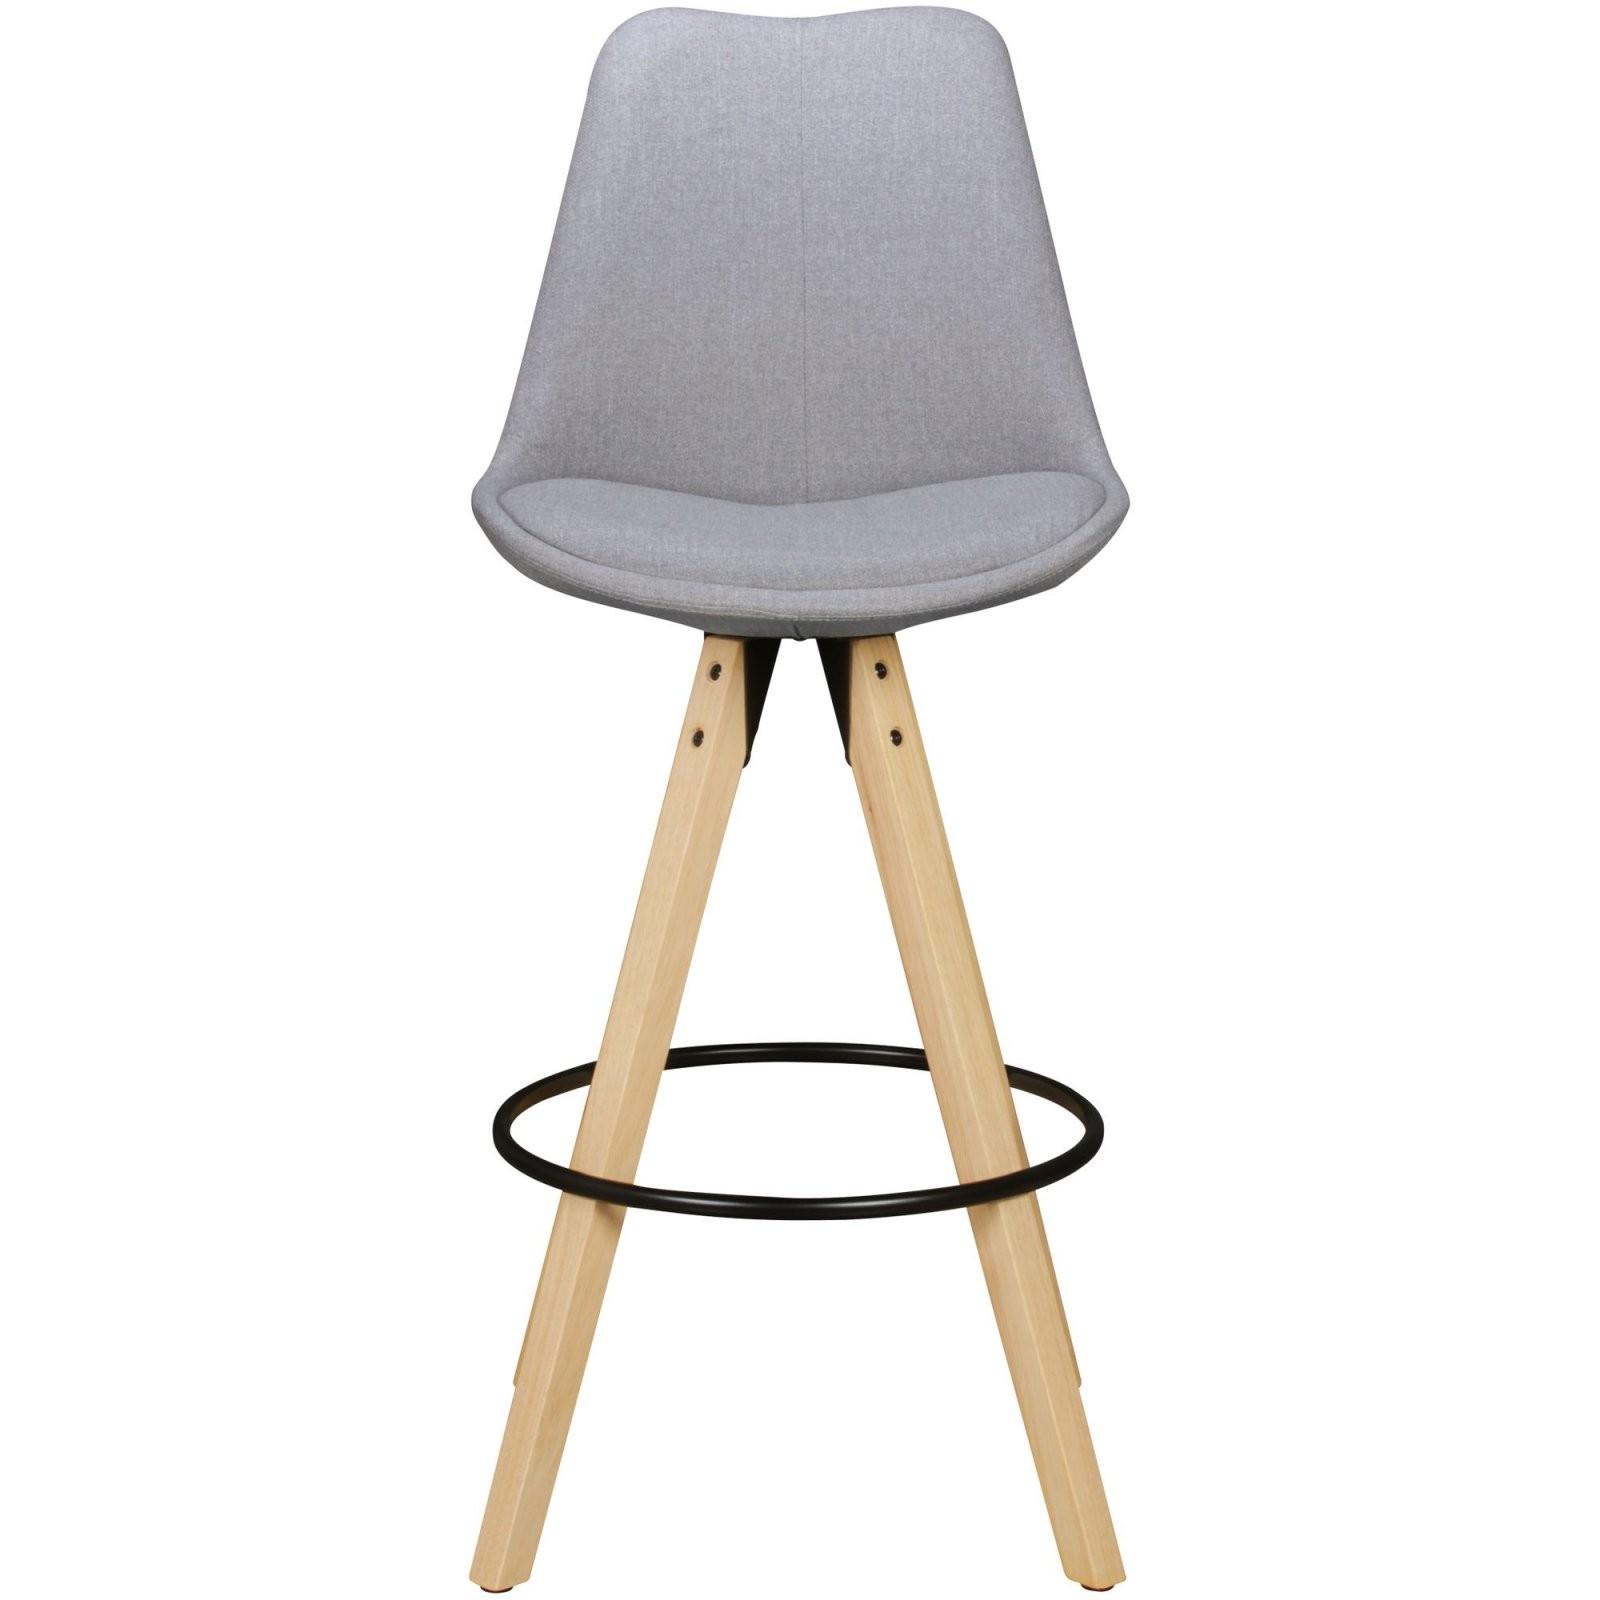 Wohnling 2Er Set Barhocker Lima Grau Retro Design Stoff Holz Mit von Barhocker Grau Mit Lehne Bild